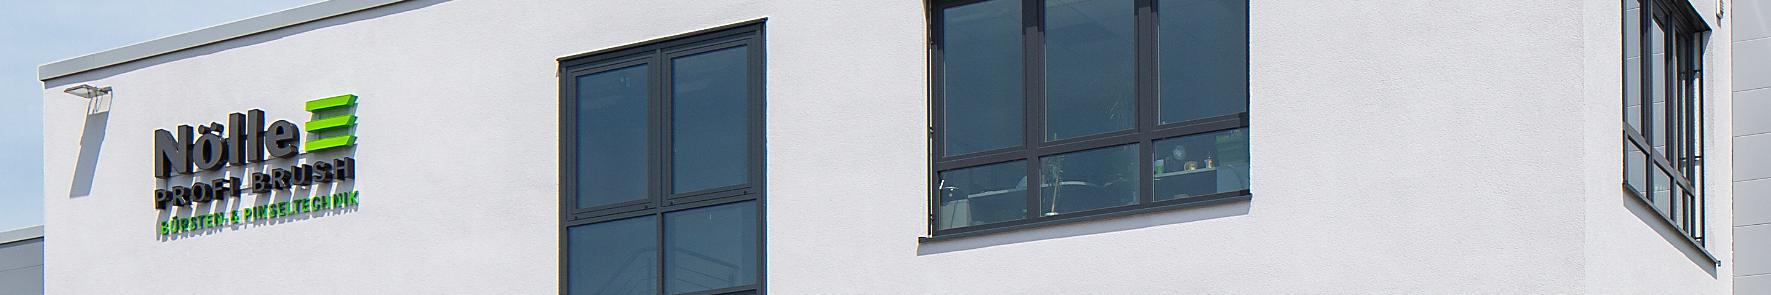 Nölle Profi Brush Wuppertal-Außenansicht